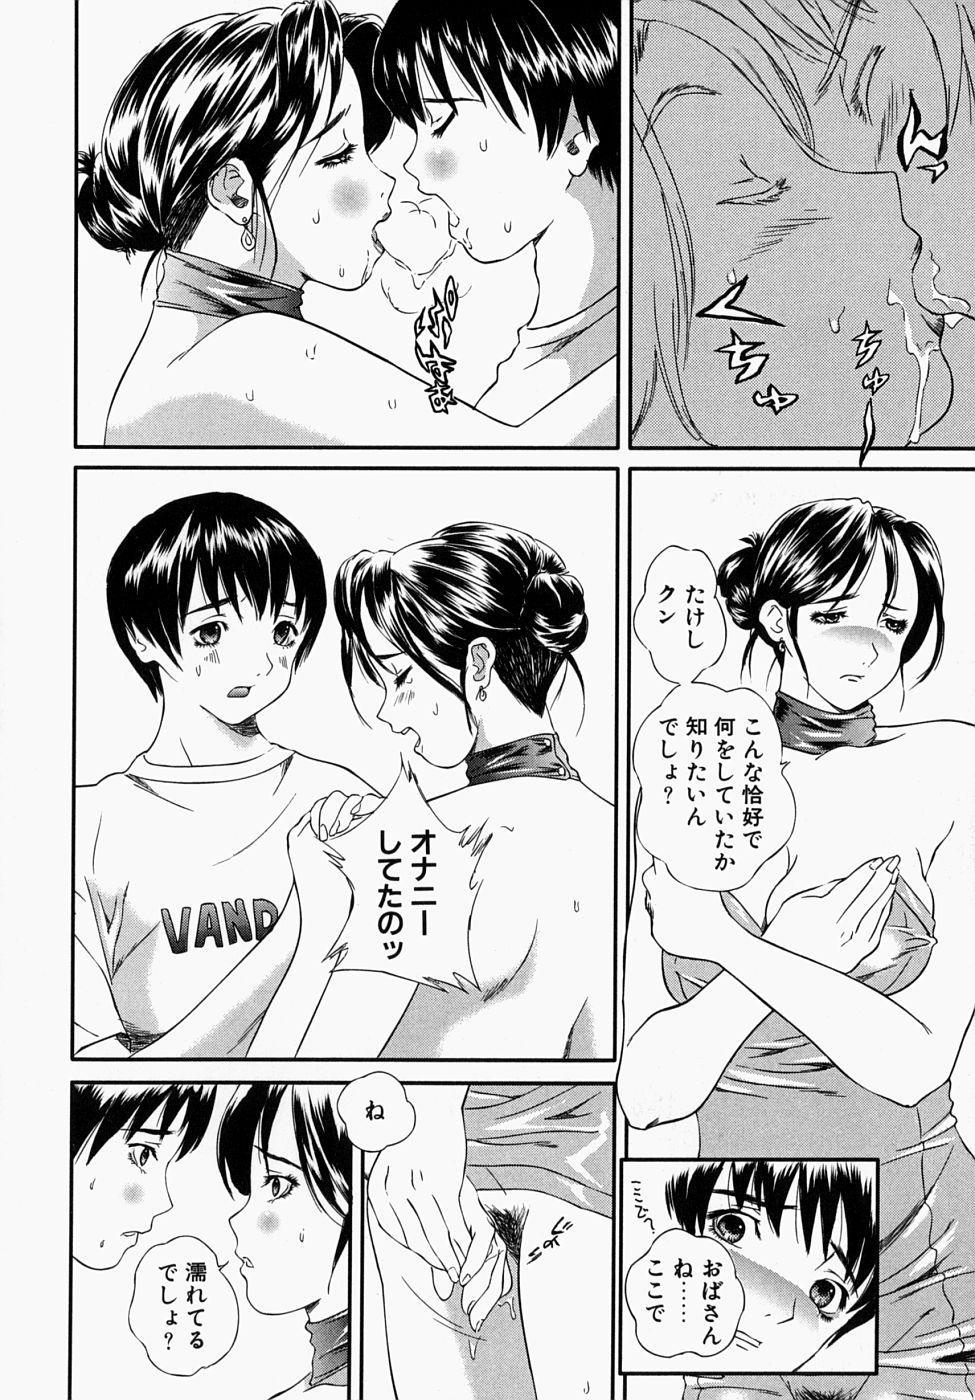 Shoujo Ijime - Girl Bullying 49